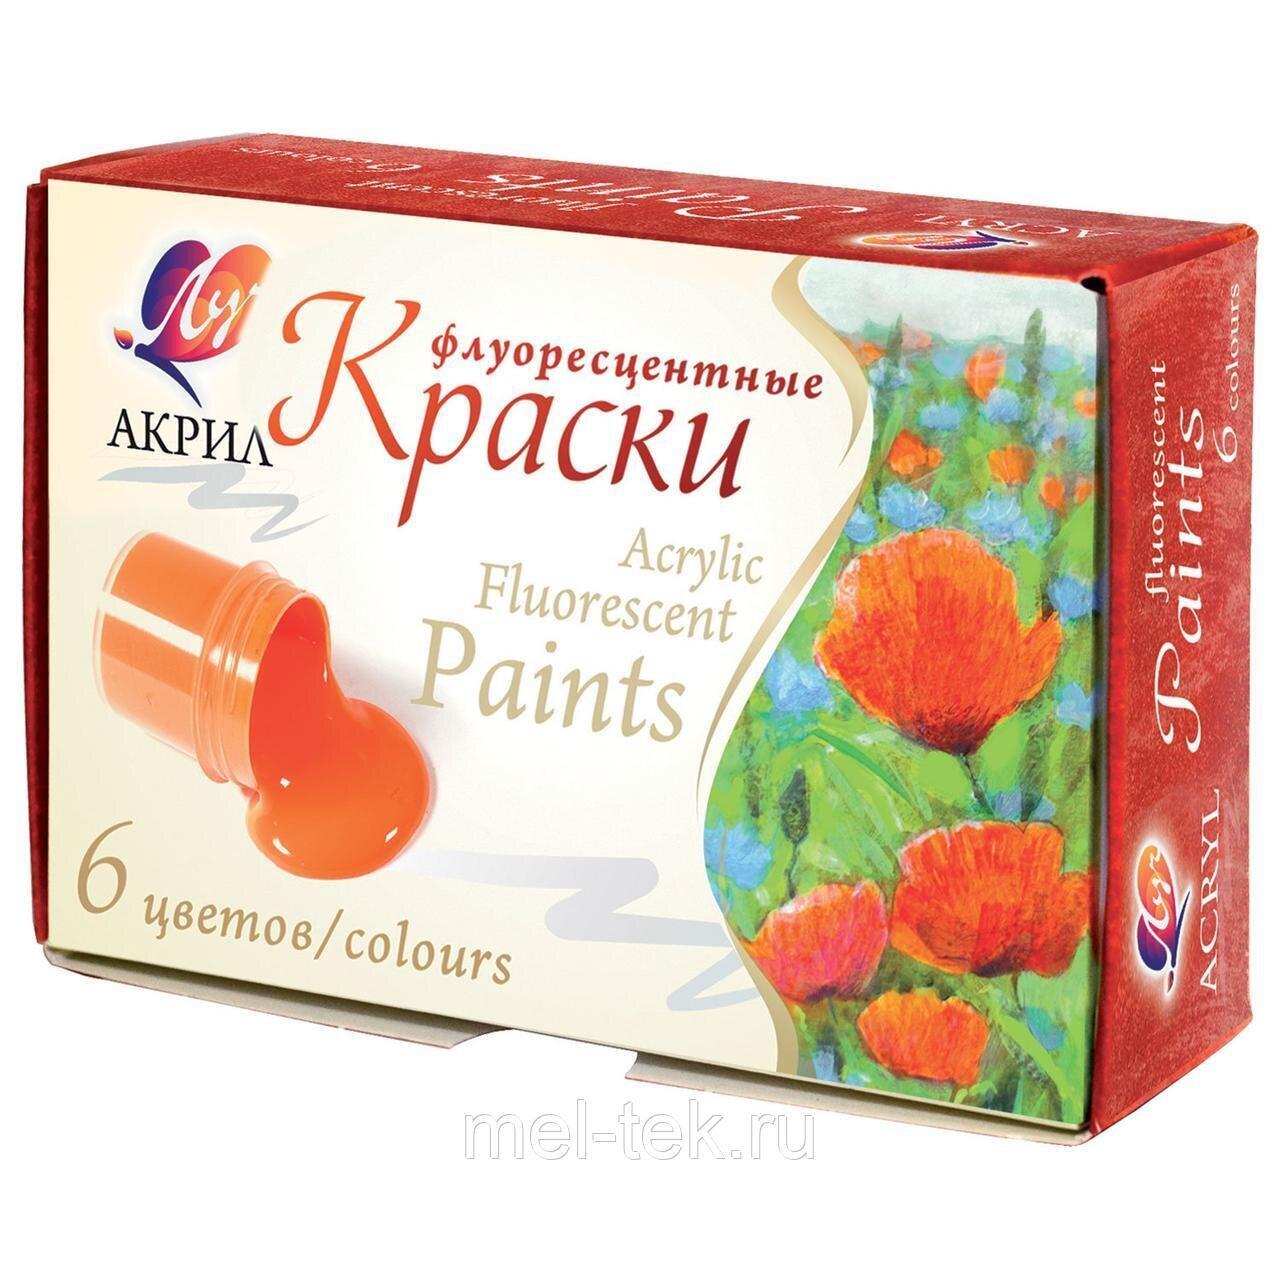 Краски акриловые флуоресцентные ЛУЧ, 6 цветов по 15 мл, в баночках.